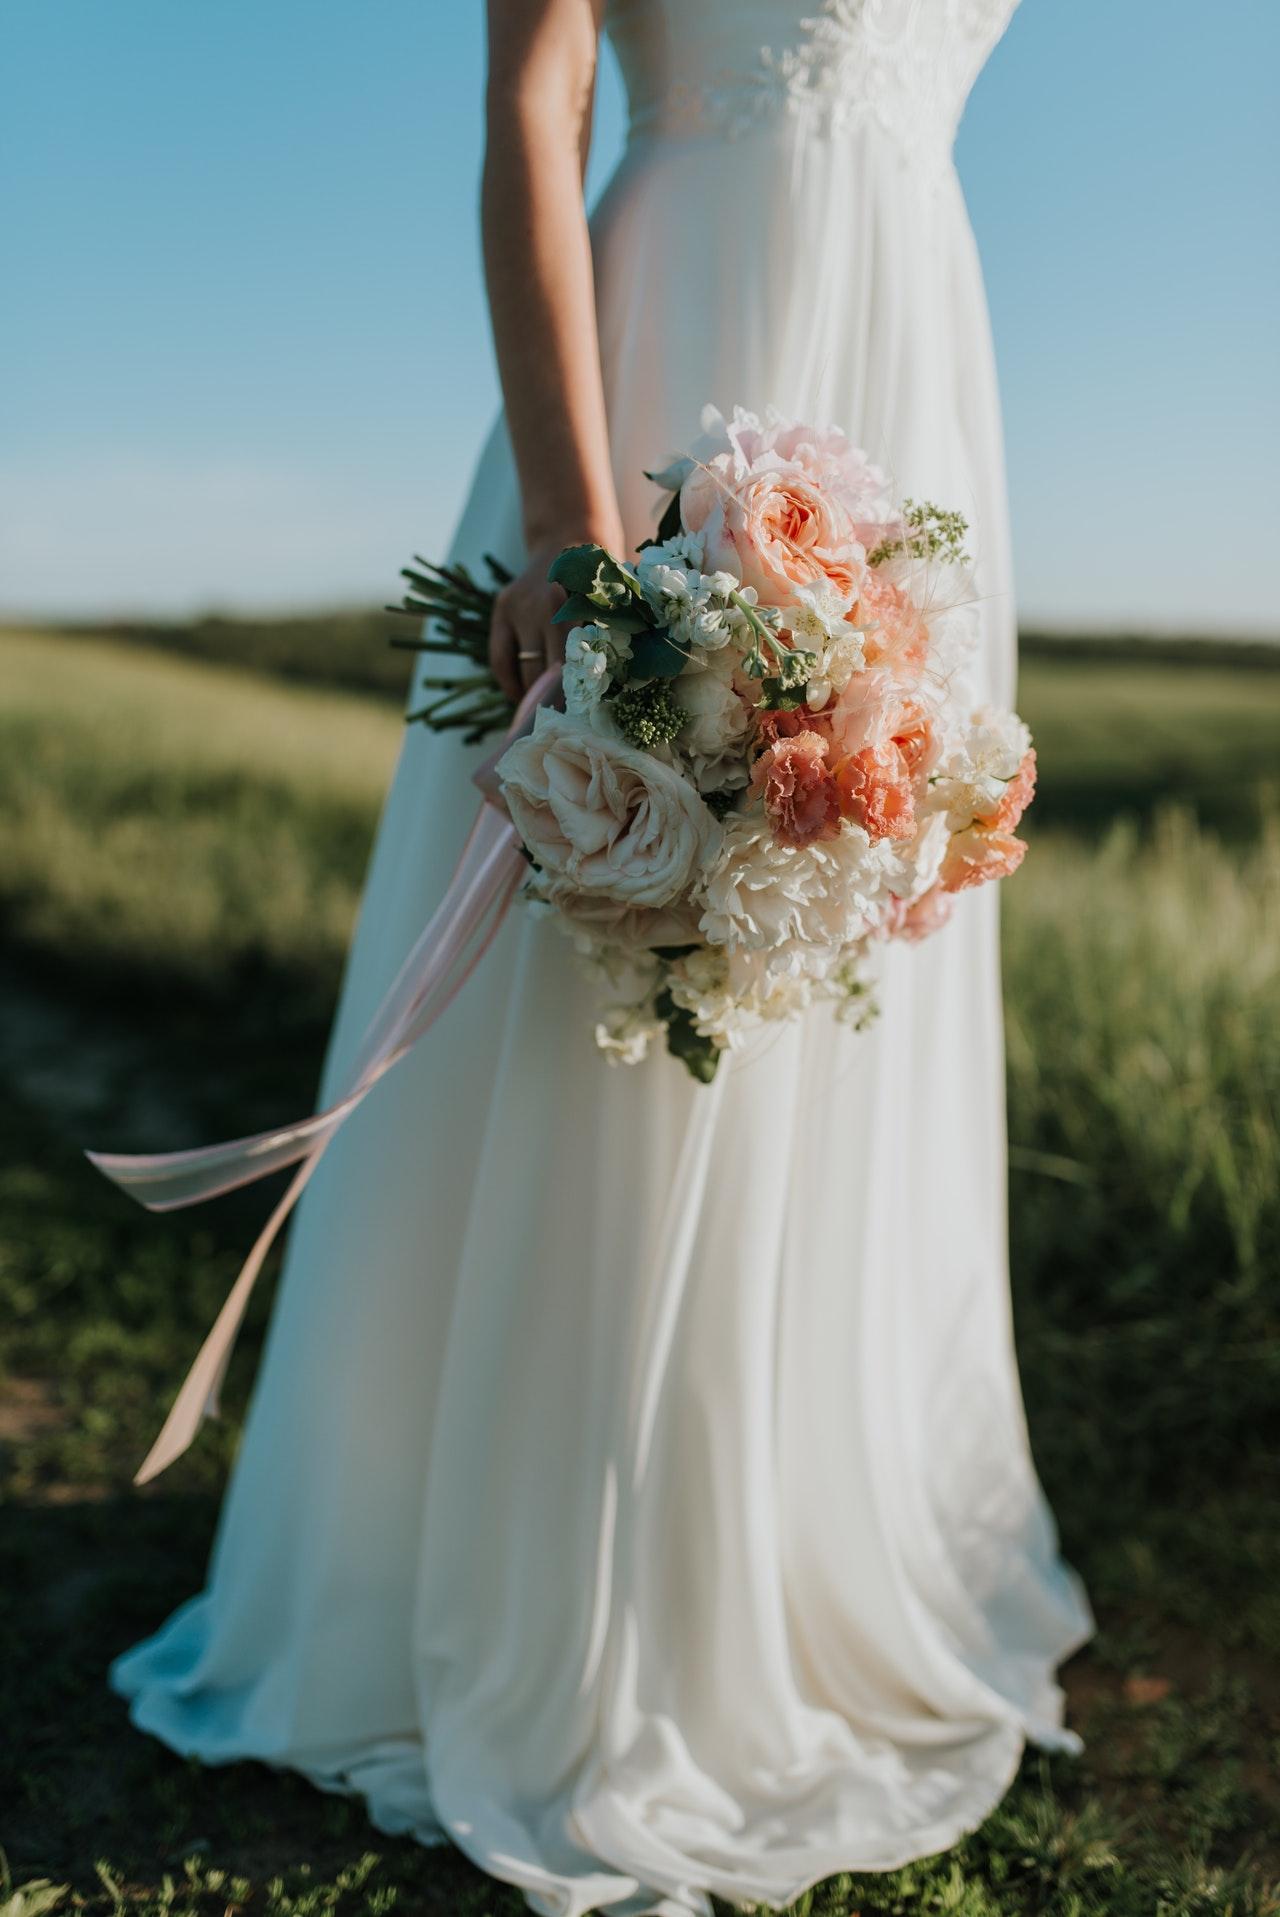 Czy suknie ślubne w stylu boho to dobry pomysł? - Zdjęcie główne